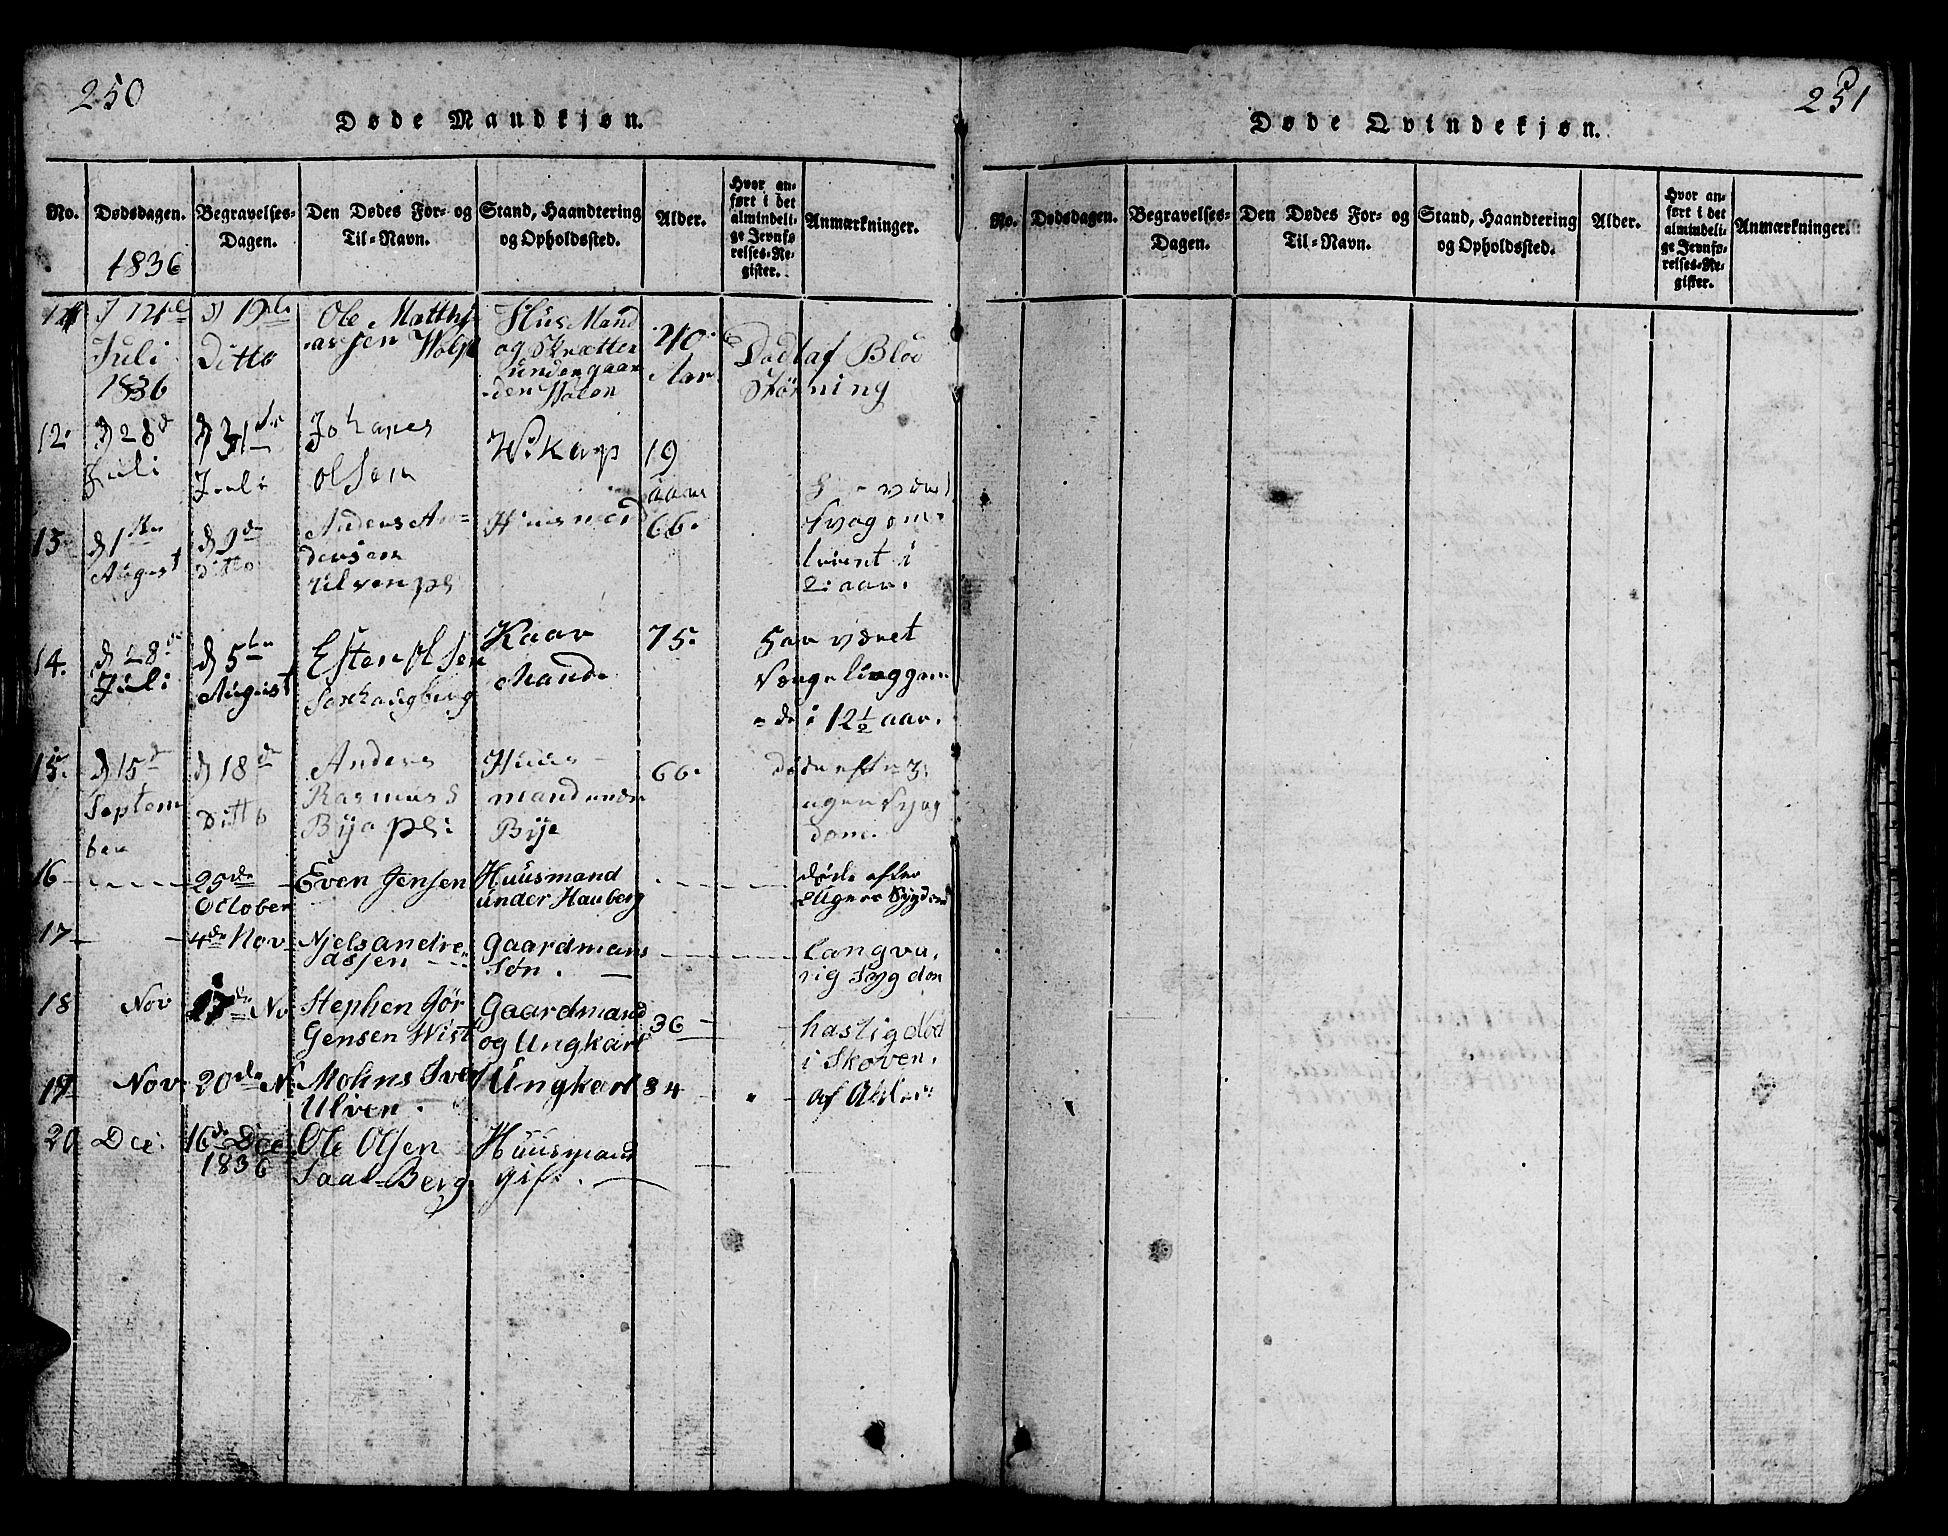 SAT, Ministerialprotokoller, klokkerbøker og fødselsregistre - Nord-Trøndelag, 730/L0298: Klokkerbok nr. 730C01, 1816-1849, s. 250-251